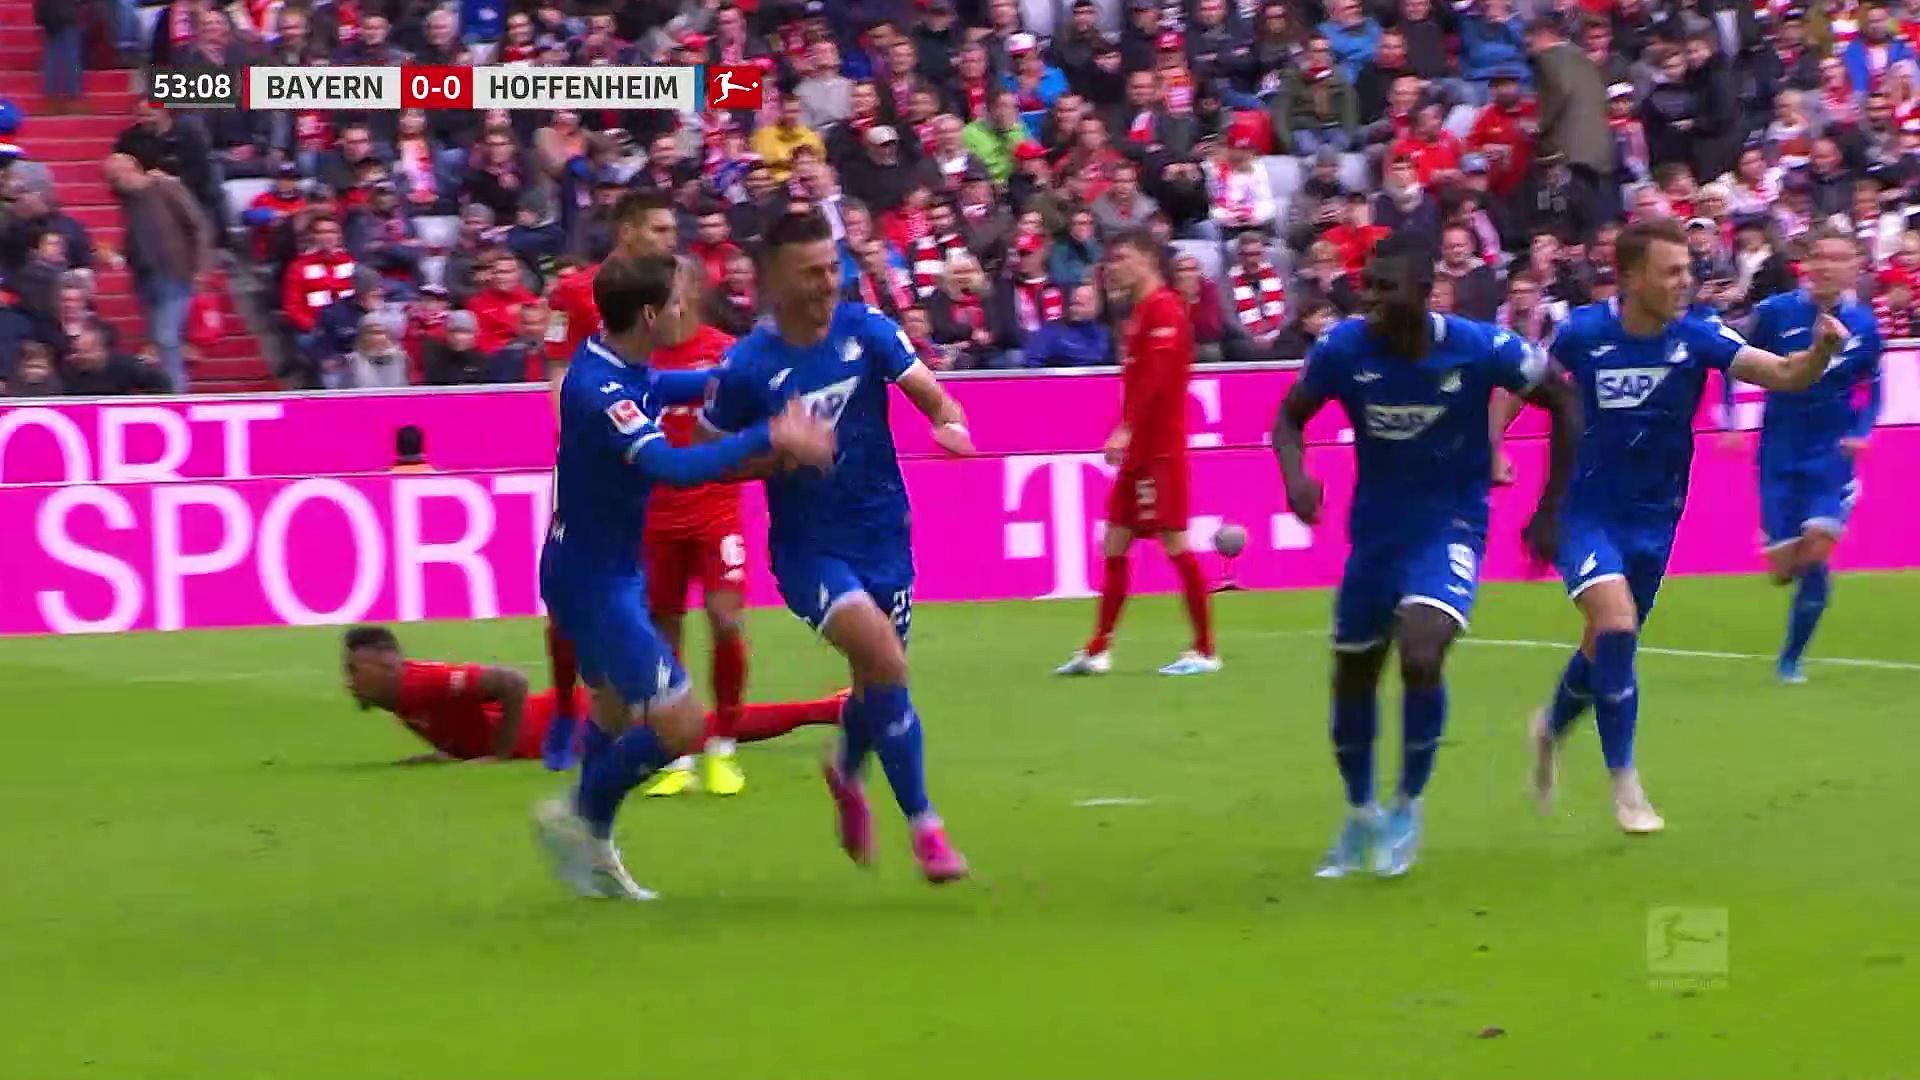 7. Hafta / Bayern Münih - Hoffenheim: 1-2 (Özet)